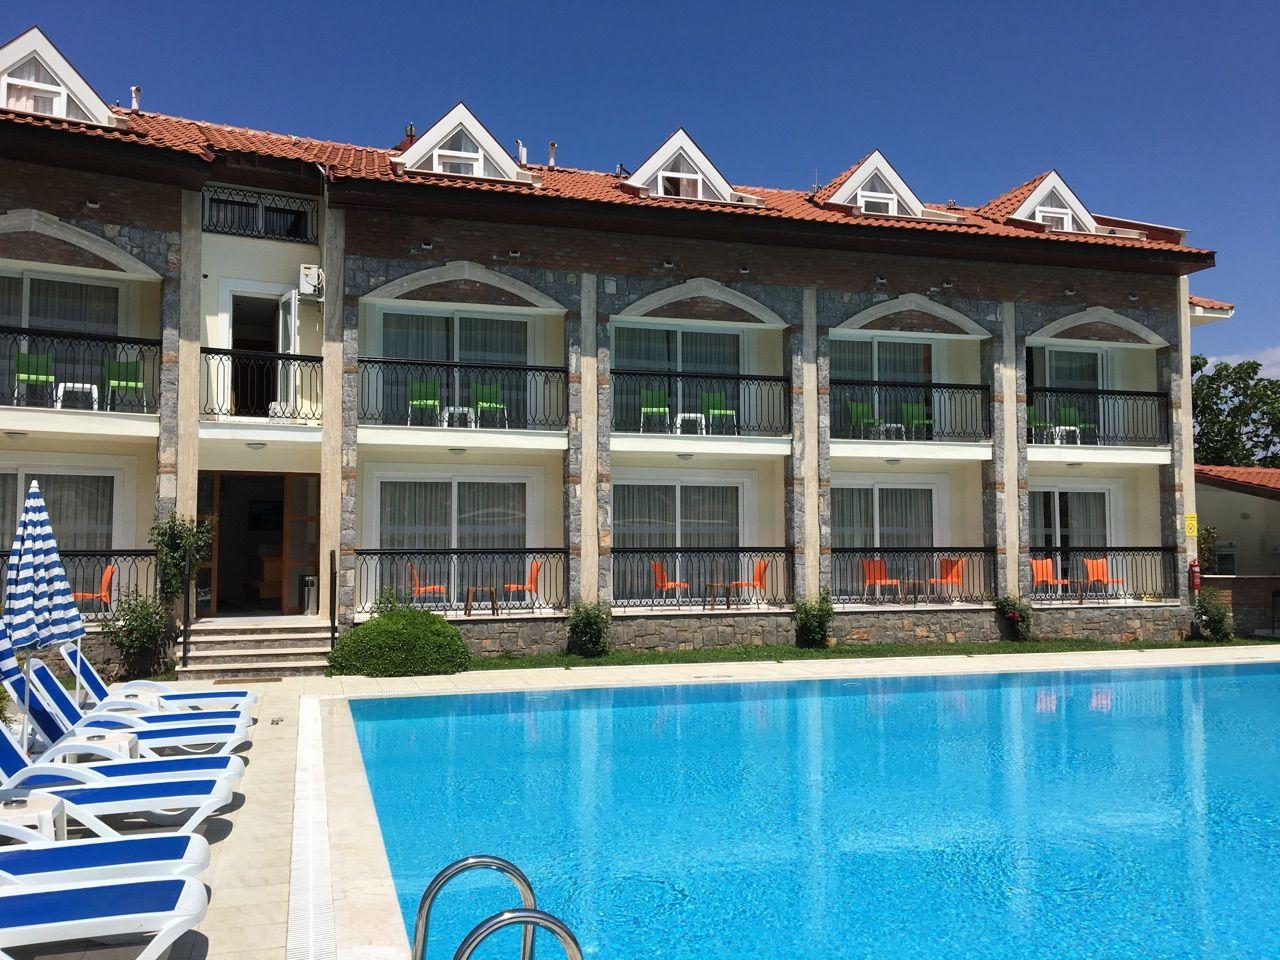 Инвестиционные проекты за рубежом внж в черногории при покупке недвижимости